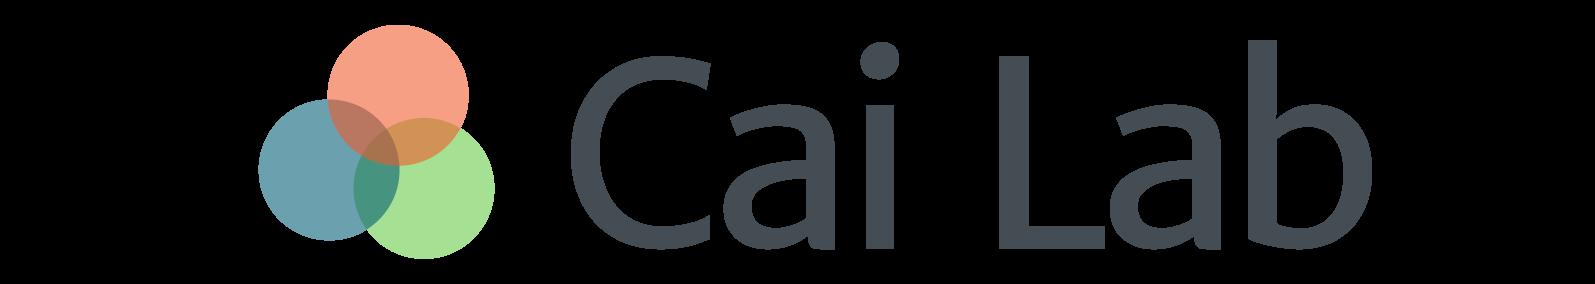 Cai Lab